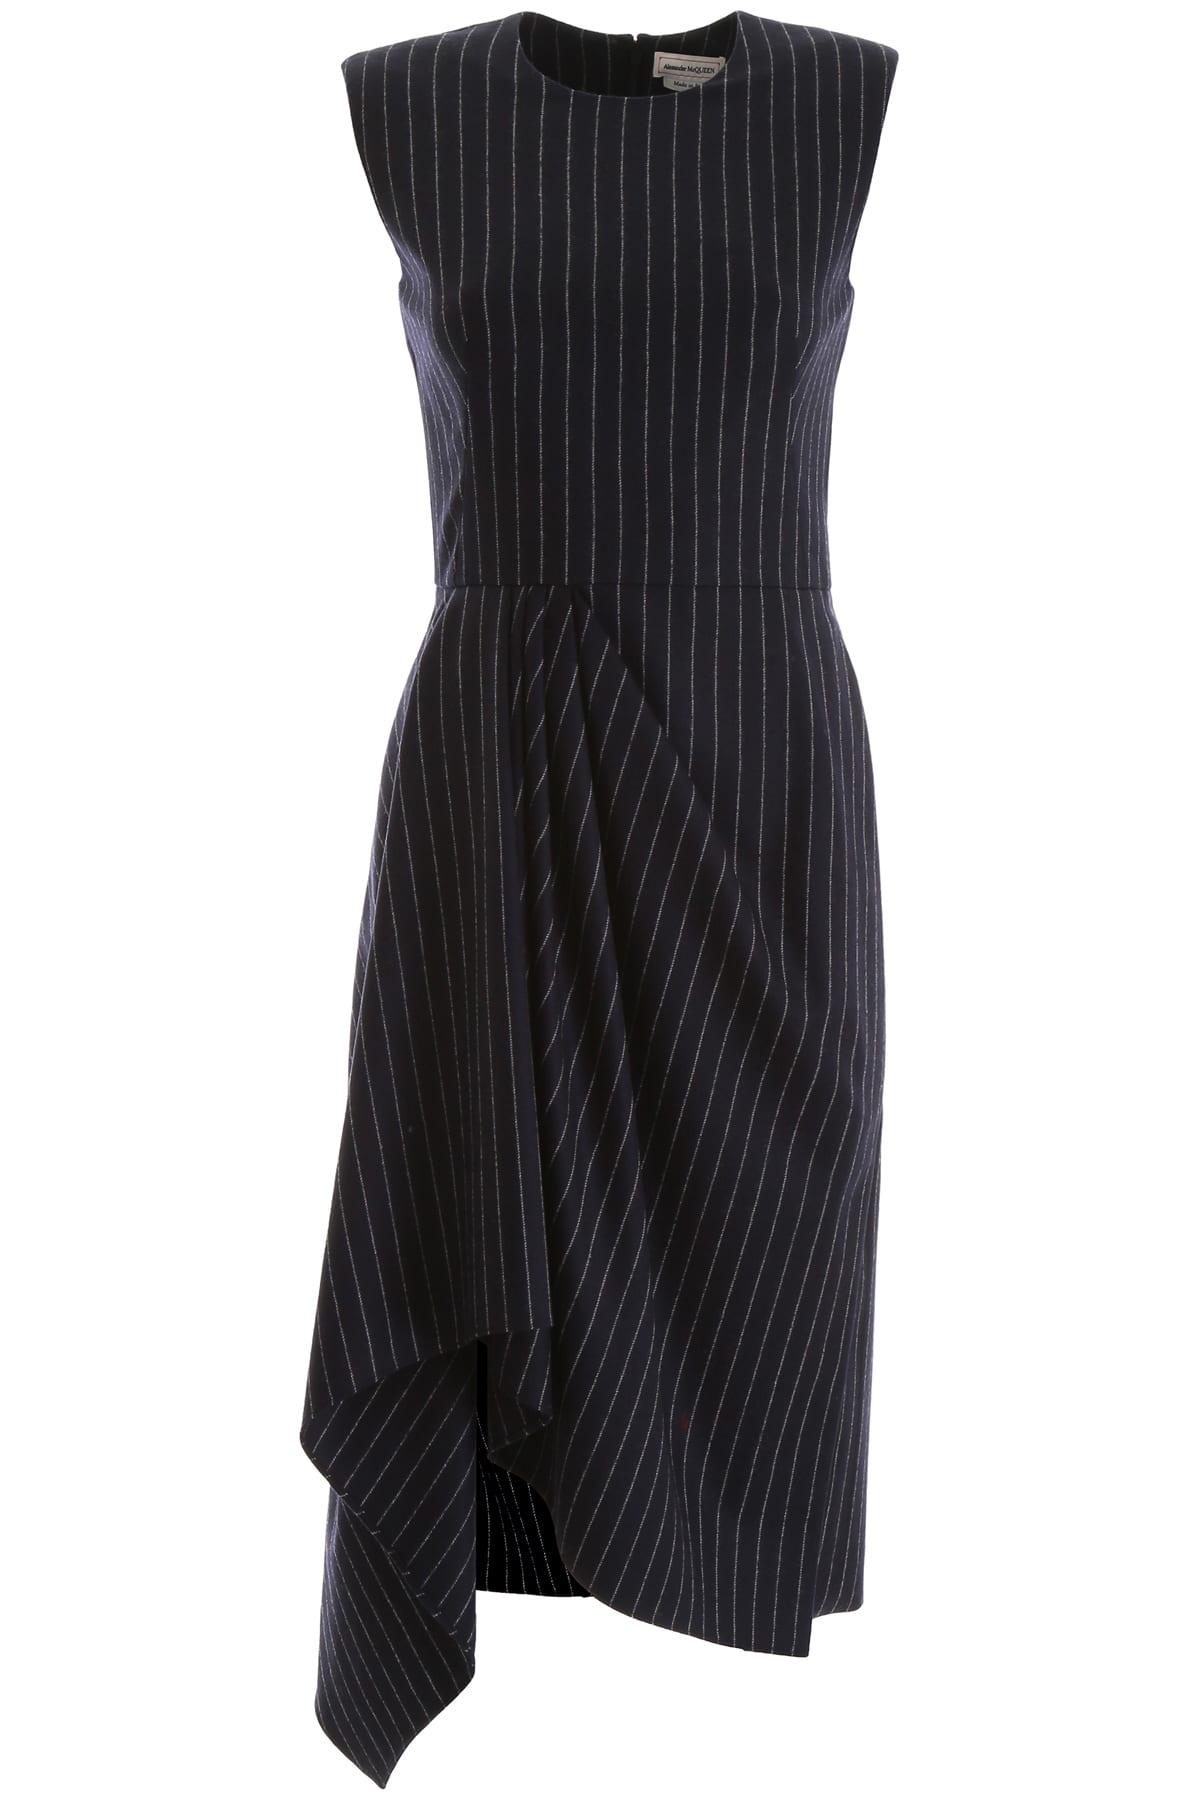 Alexander McQueen Pinstriped Dress